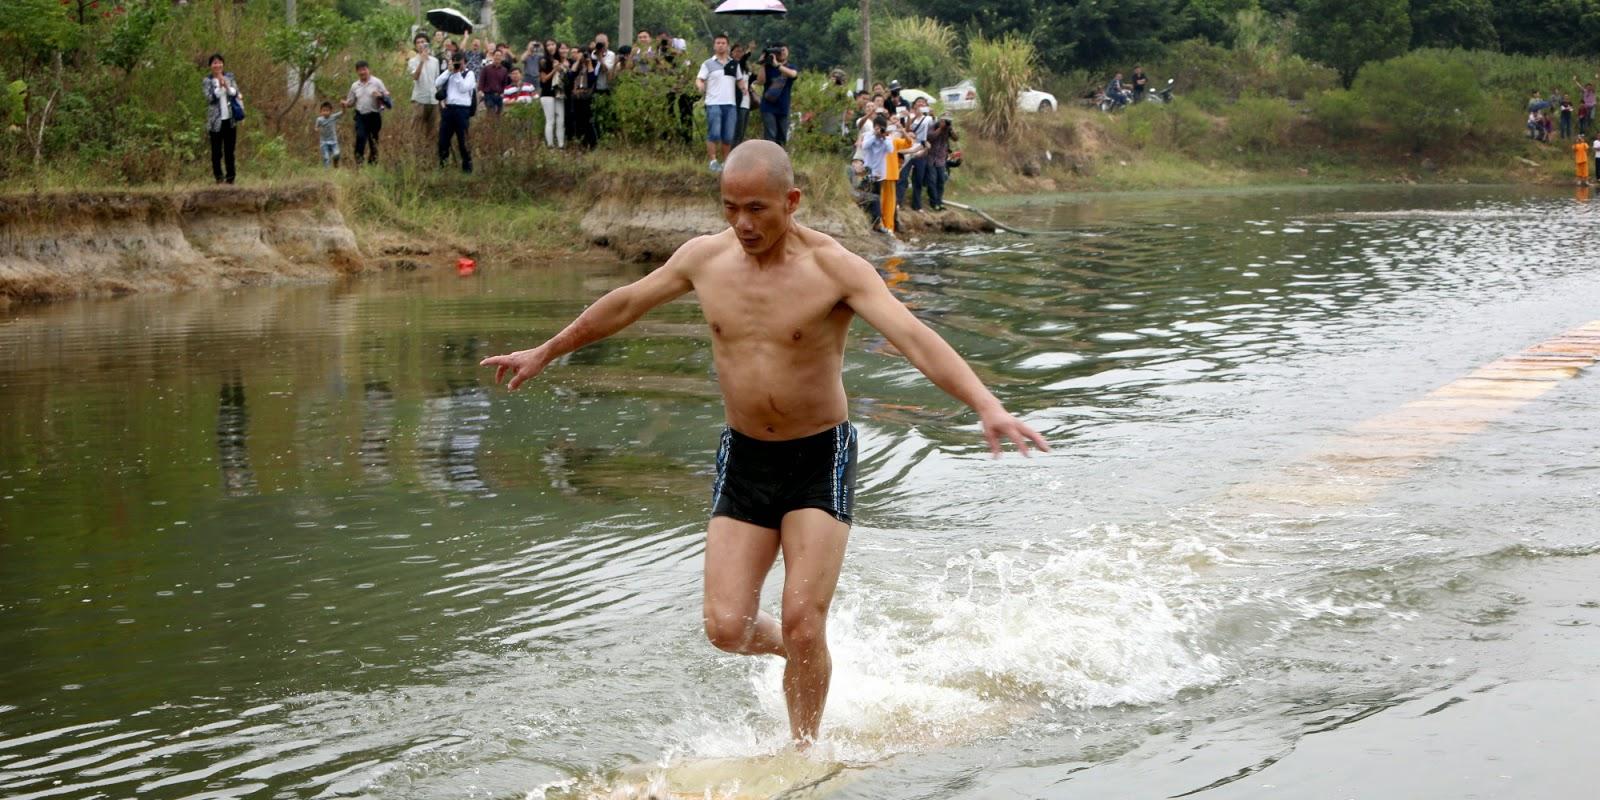 Shaolin Monk Runs 400ft on Water, Breaks Jesus's Record